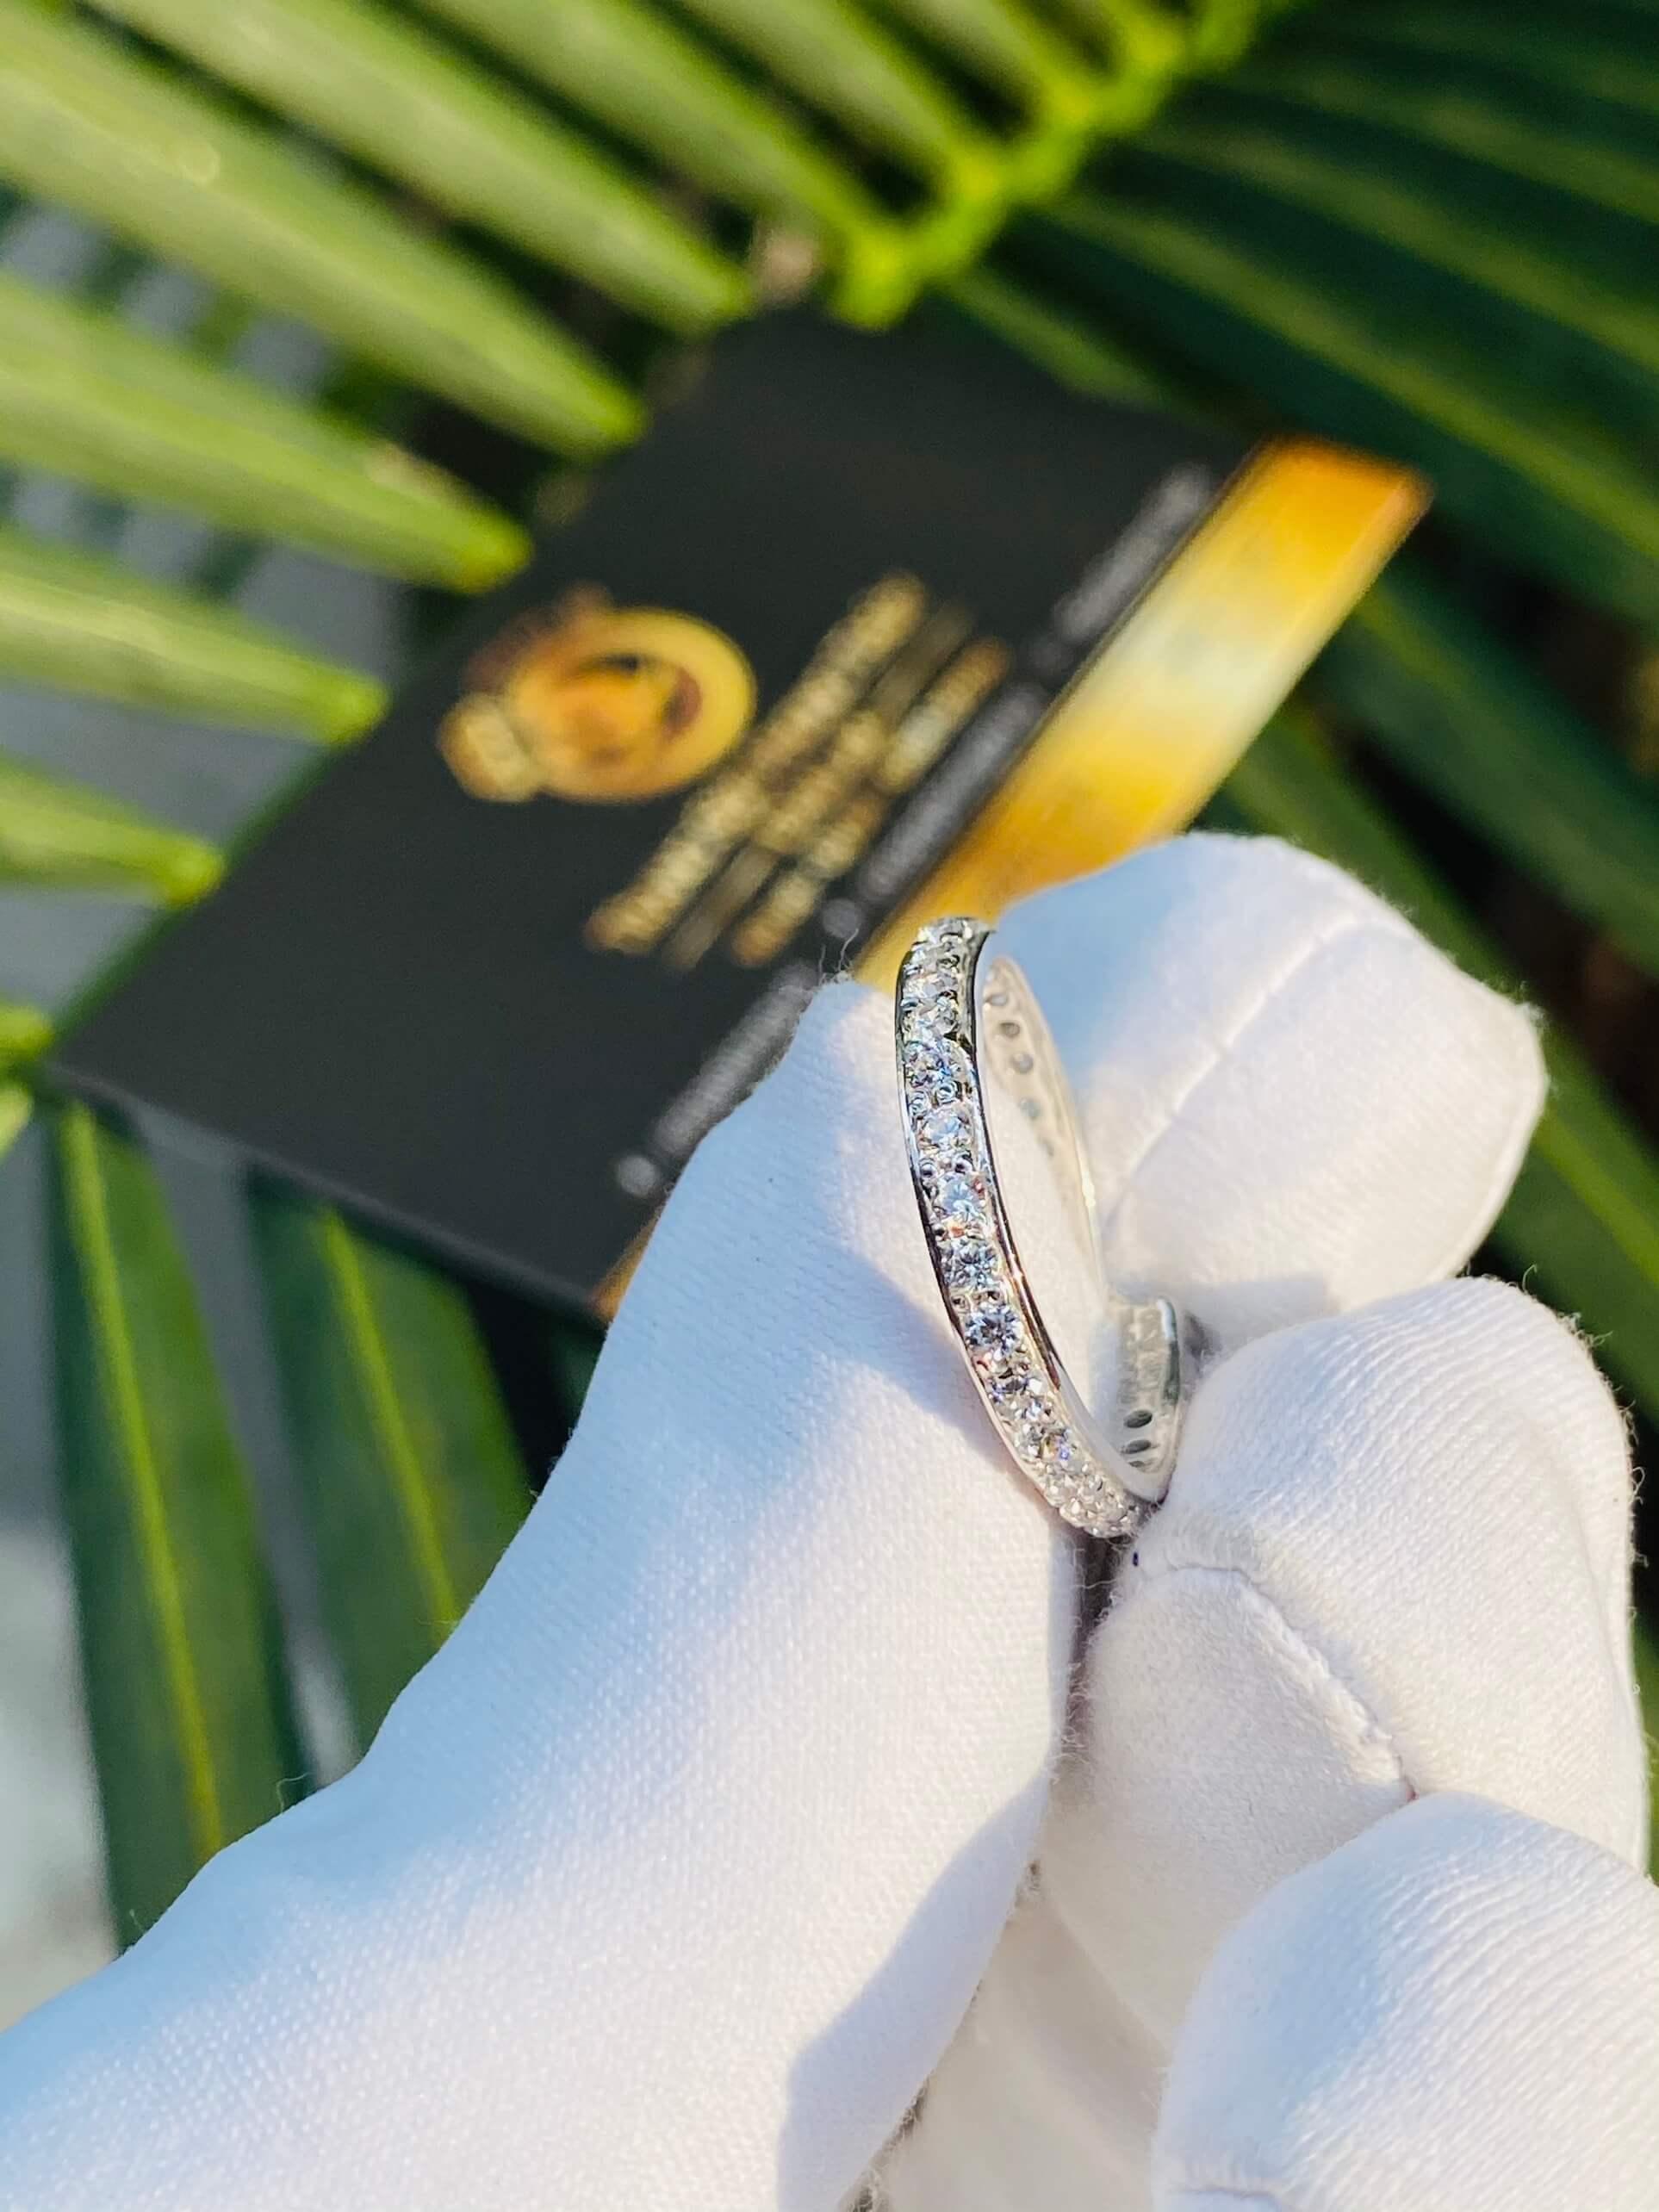 nhẫn được làm từ chất liệu vàng trắng có đính kim cương